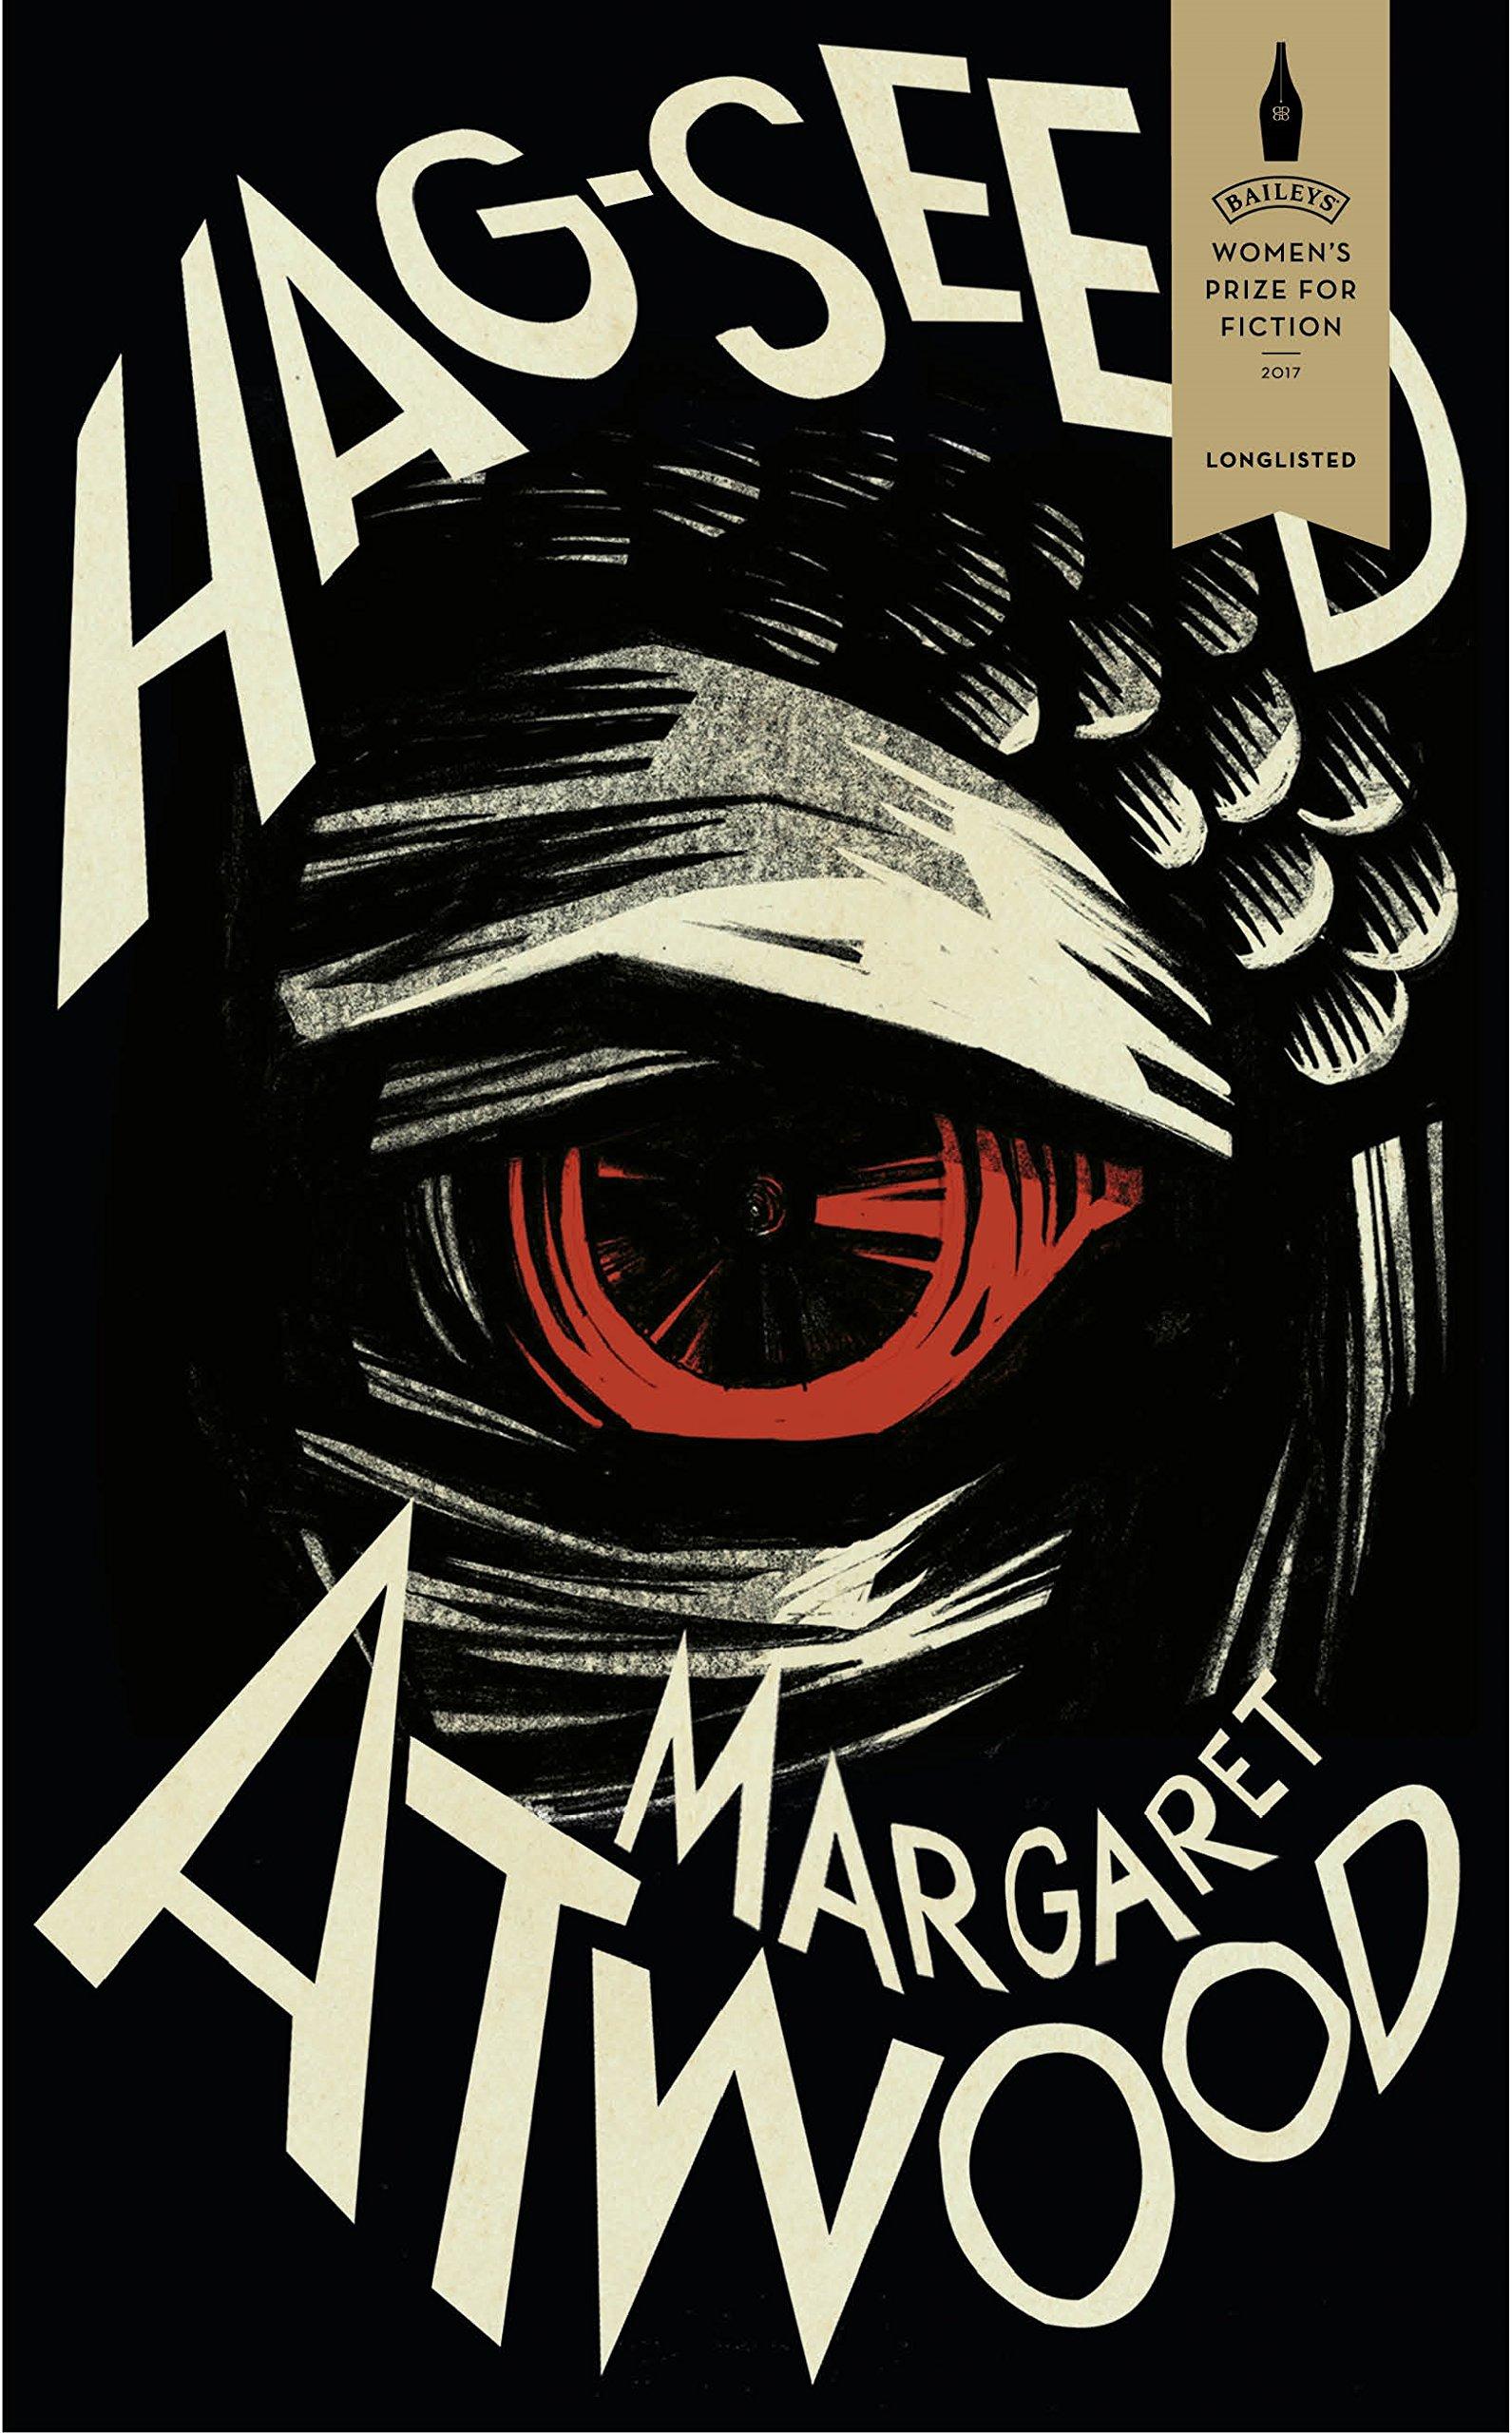 Hag-Seed: Amazon.co.uk: Atwood, Margaret: 9781781090220: Books